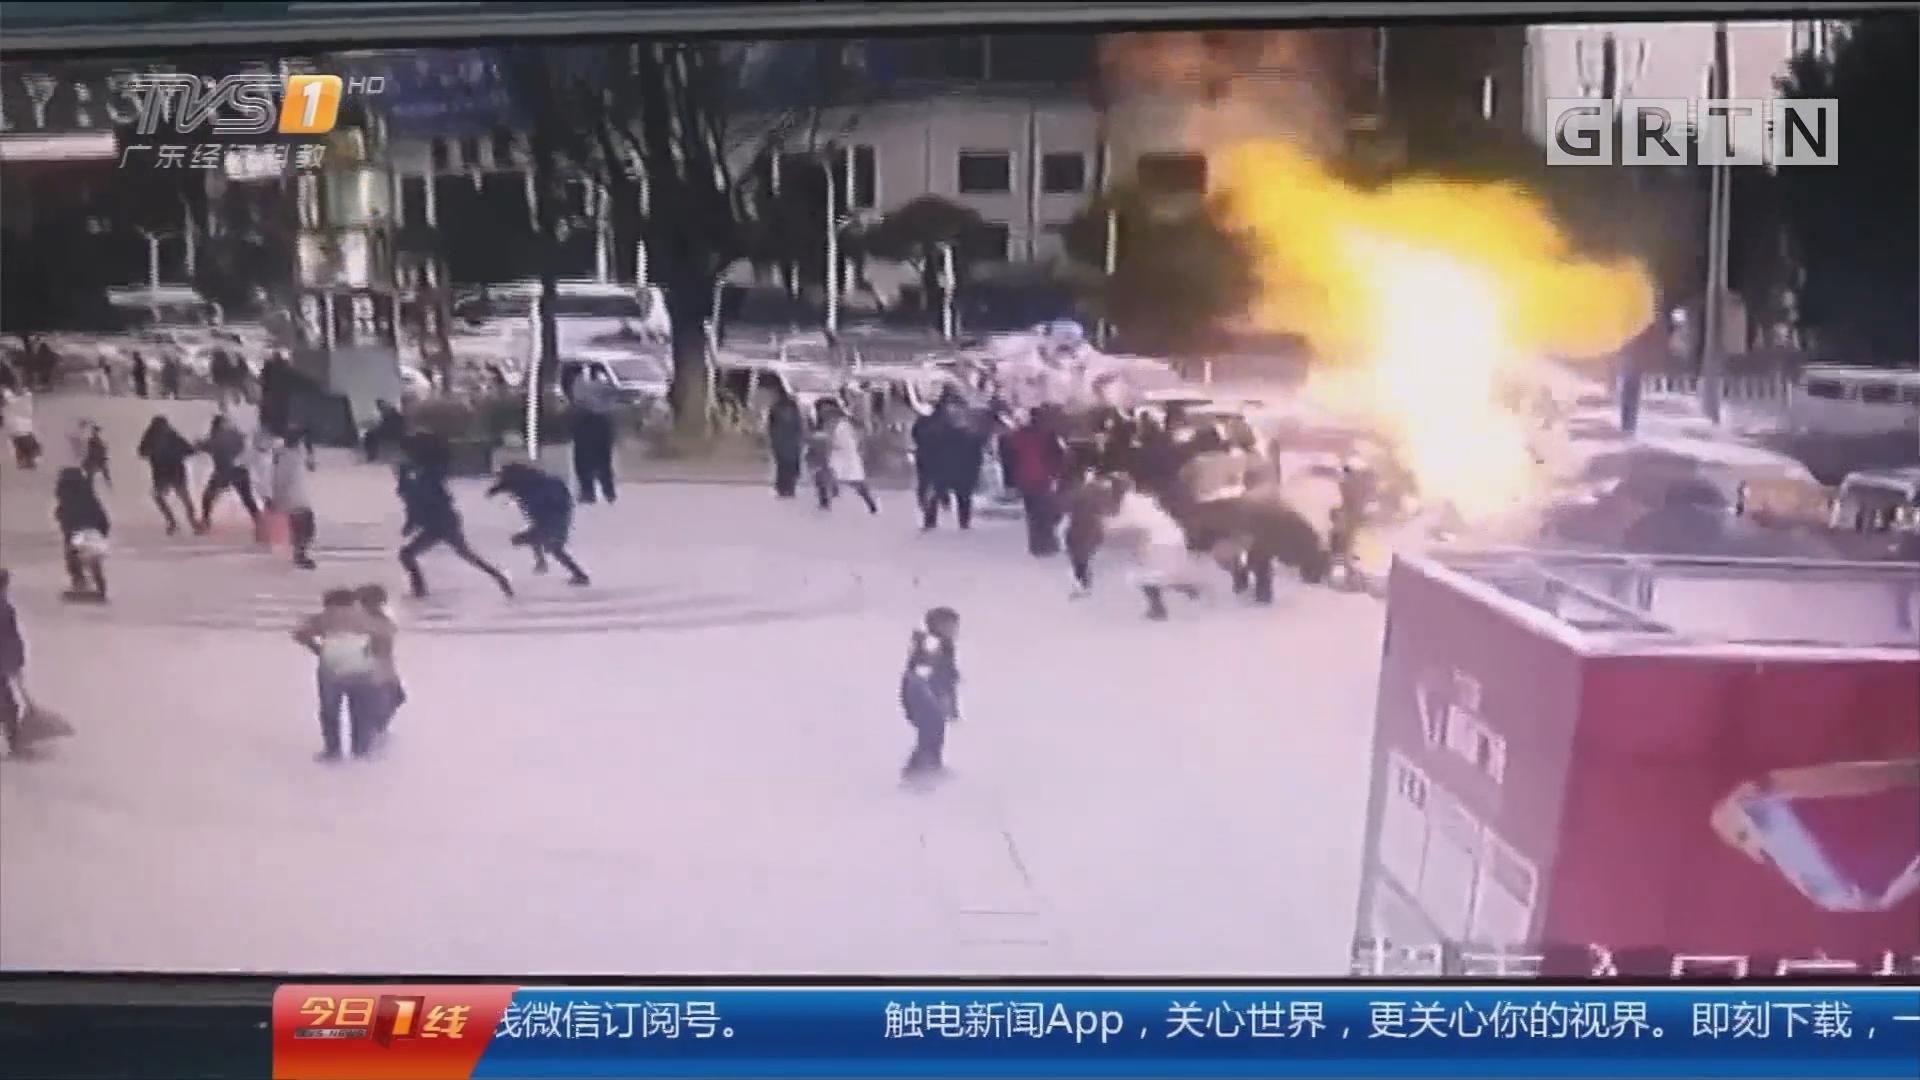 湖北:流动摊贩气球爆炸起火 两人被烧伤